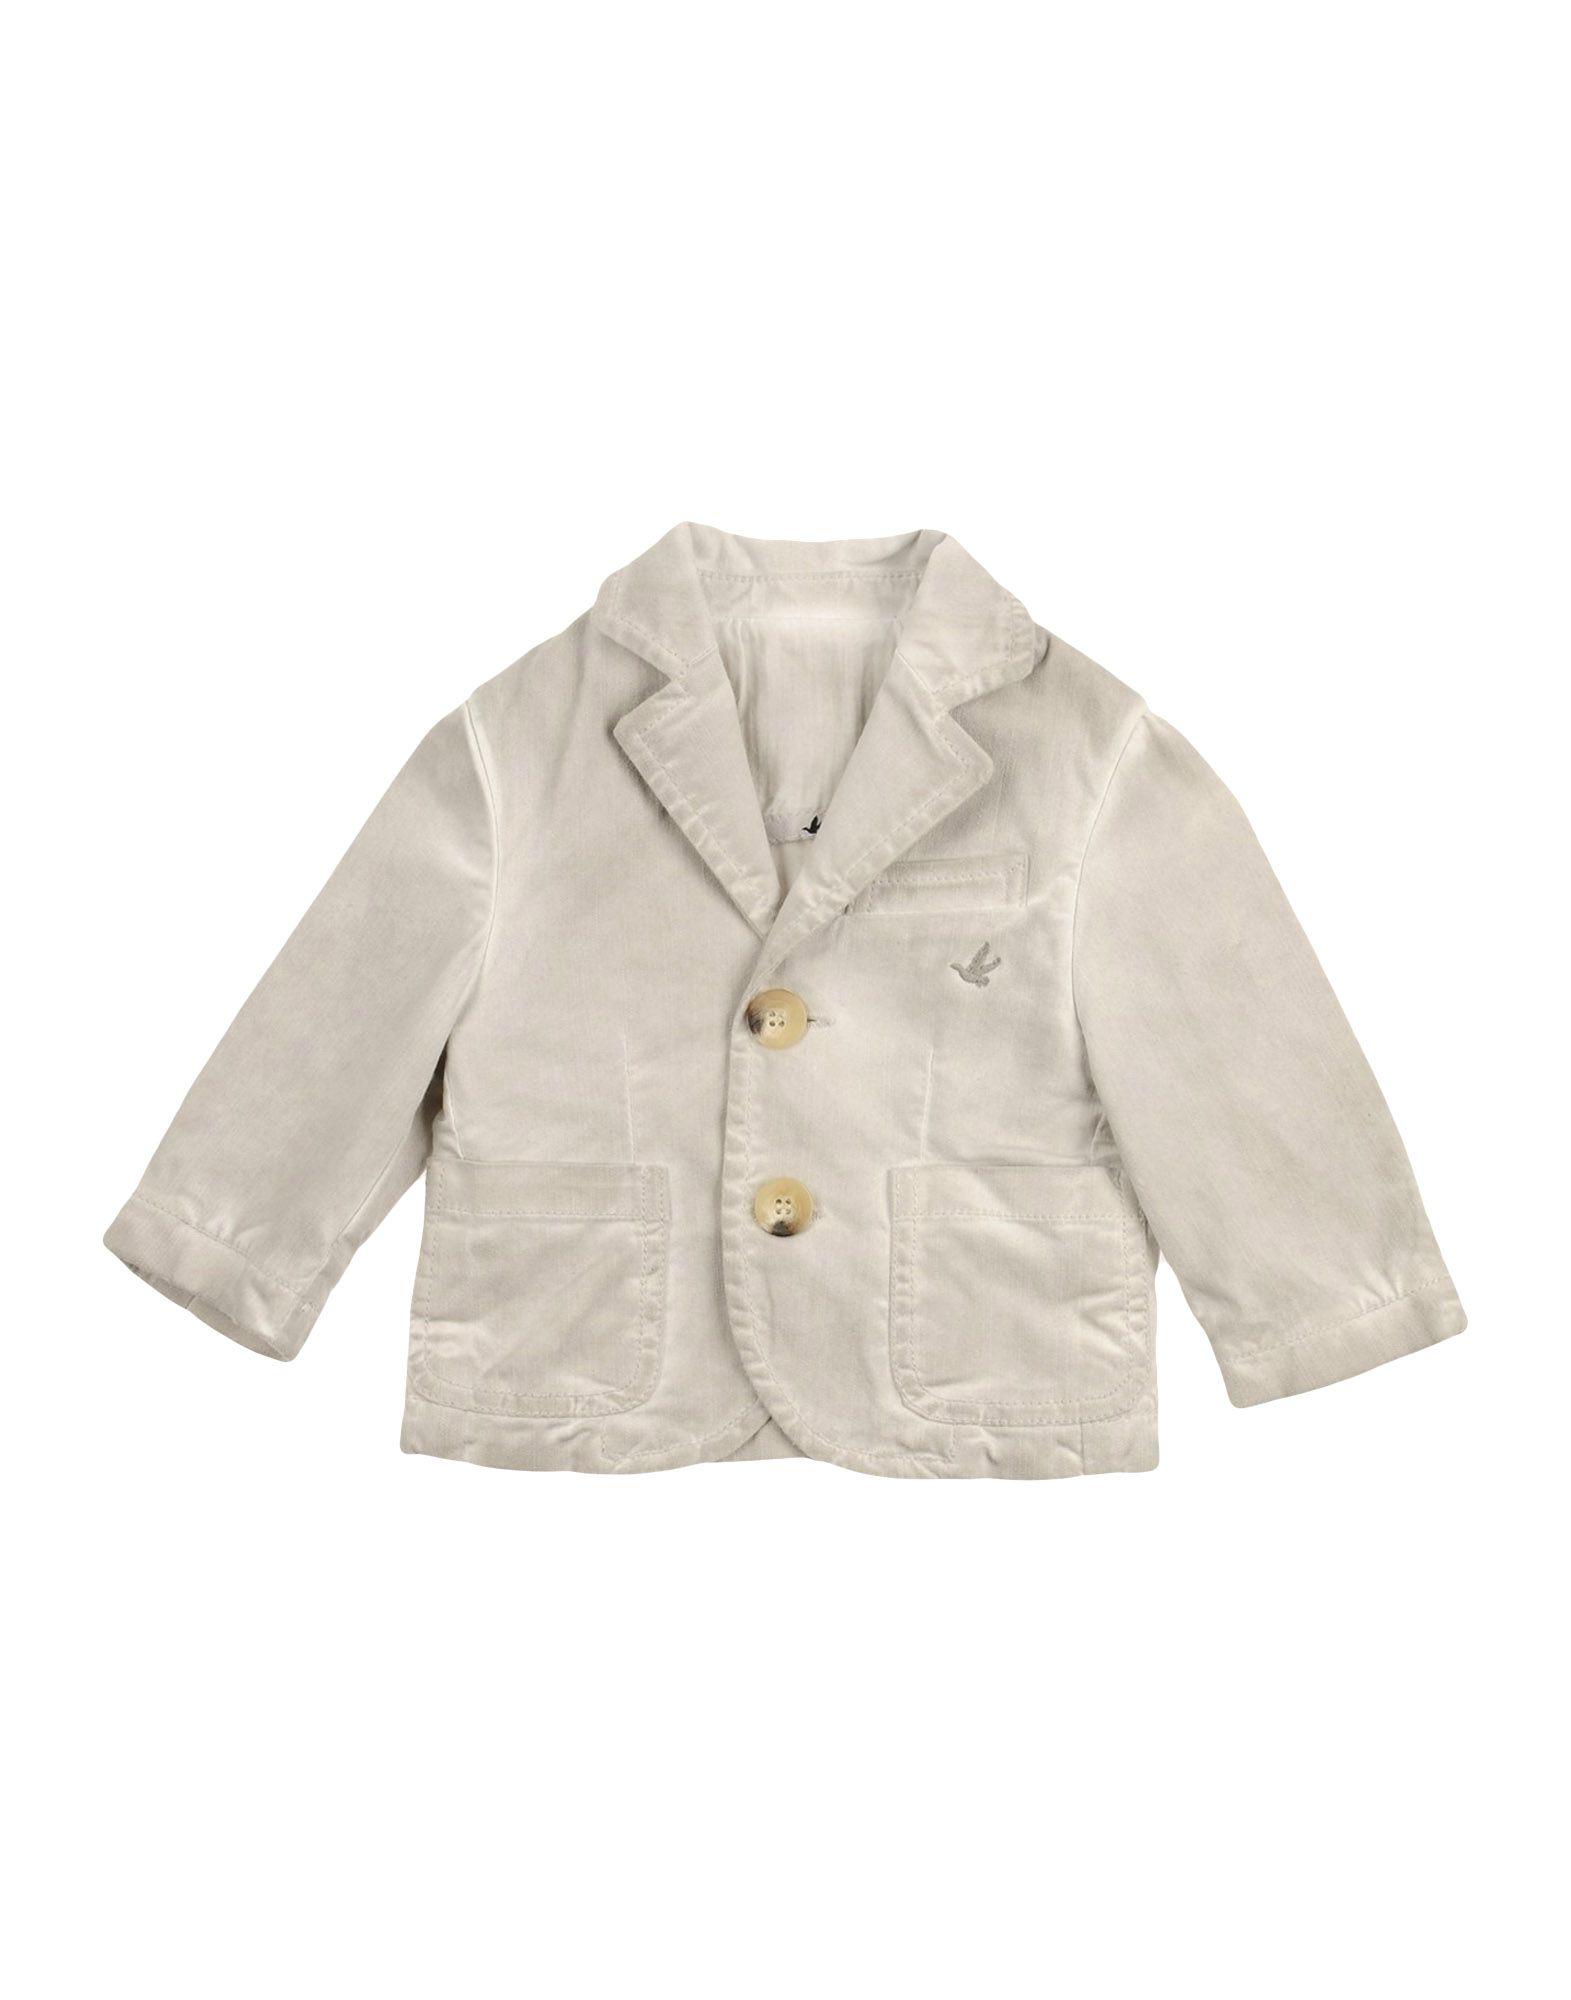 BROOKSFIELD Jungen 0-24 monate Jeansjacke/-mantel Farbe Hellgrau Größe 4